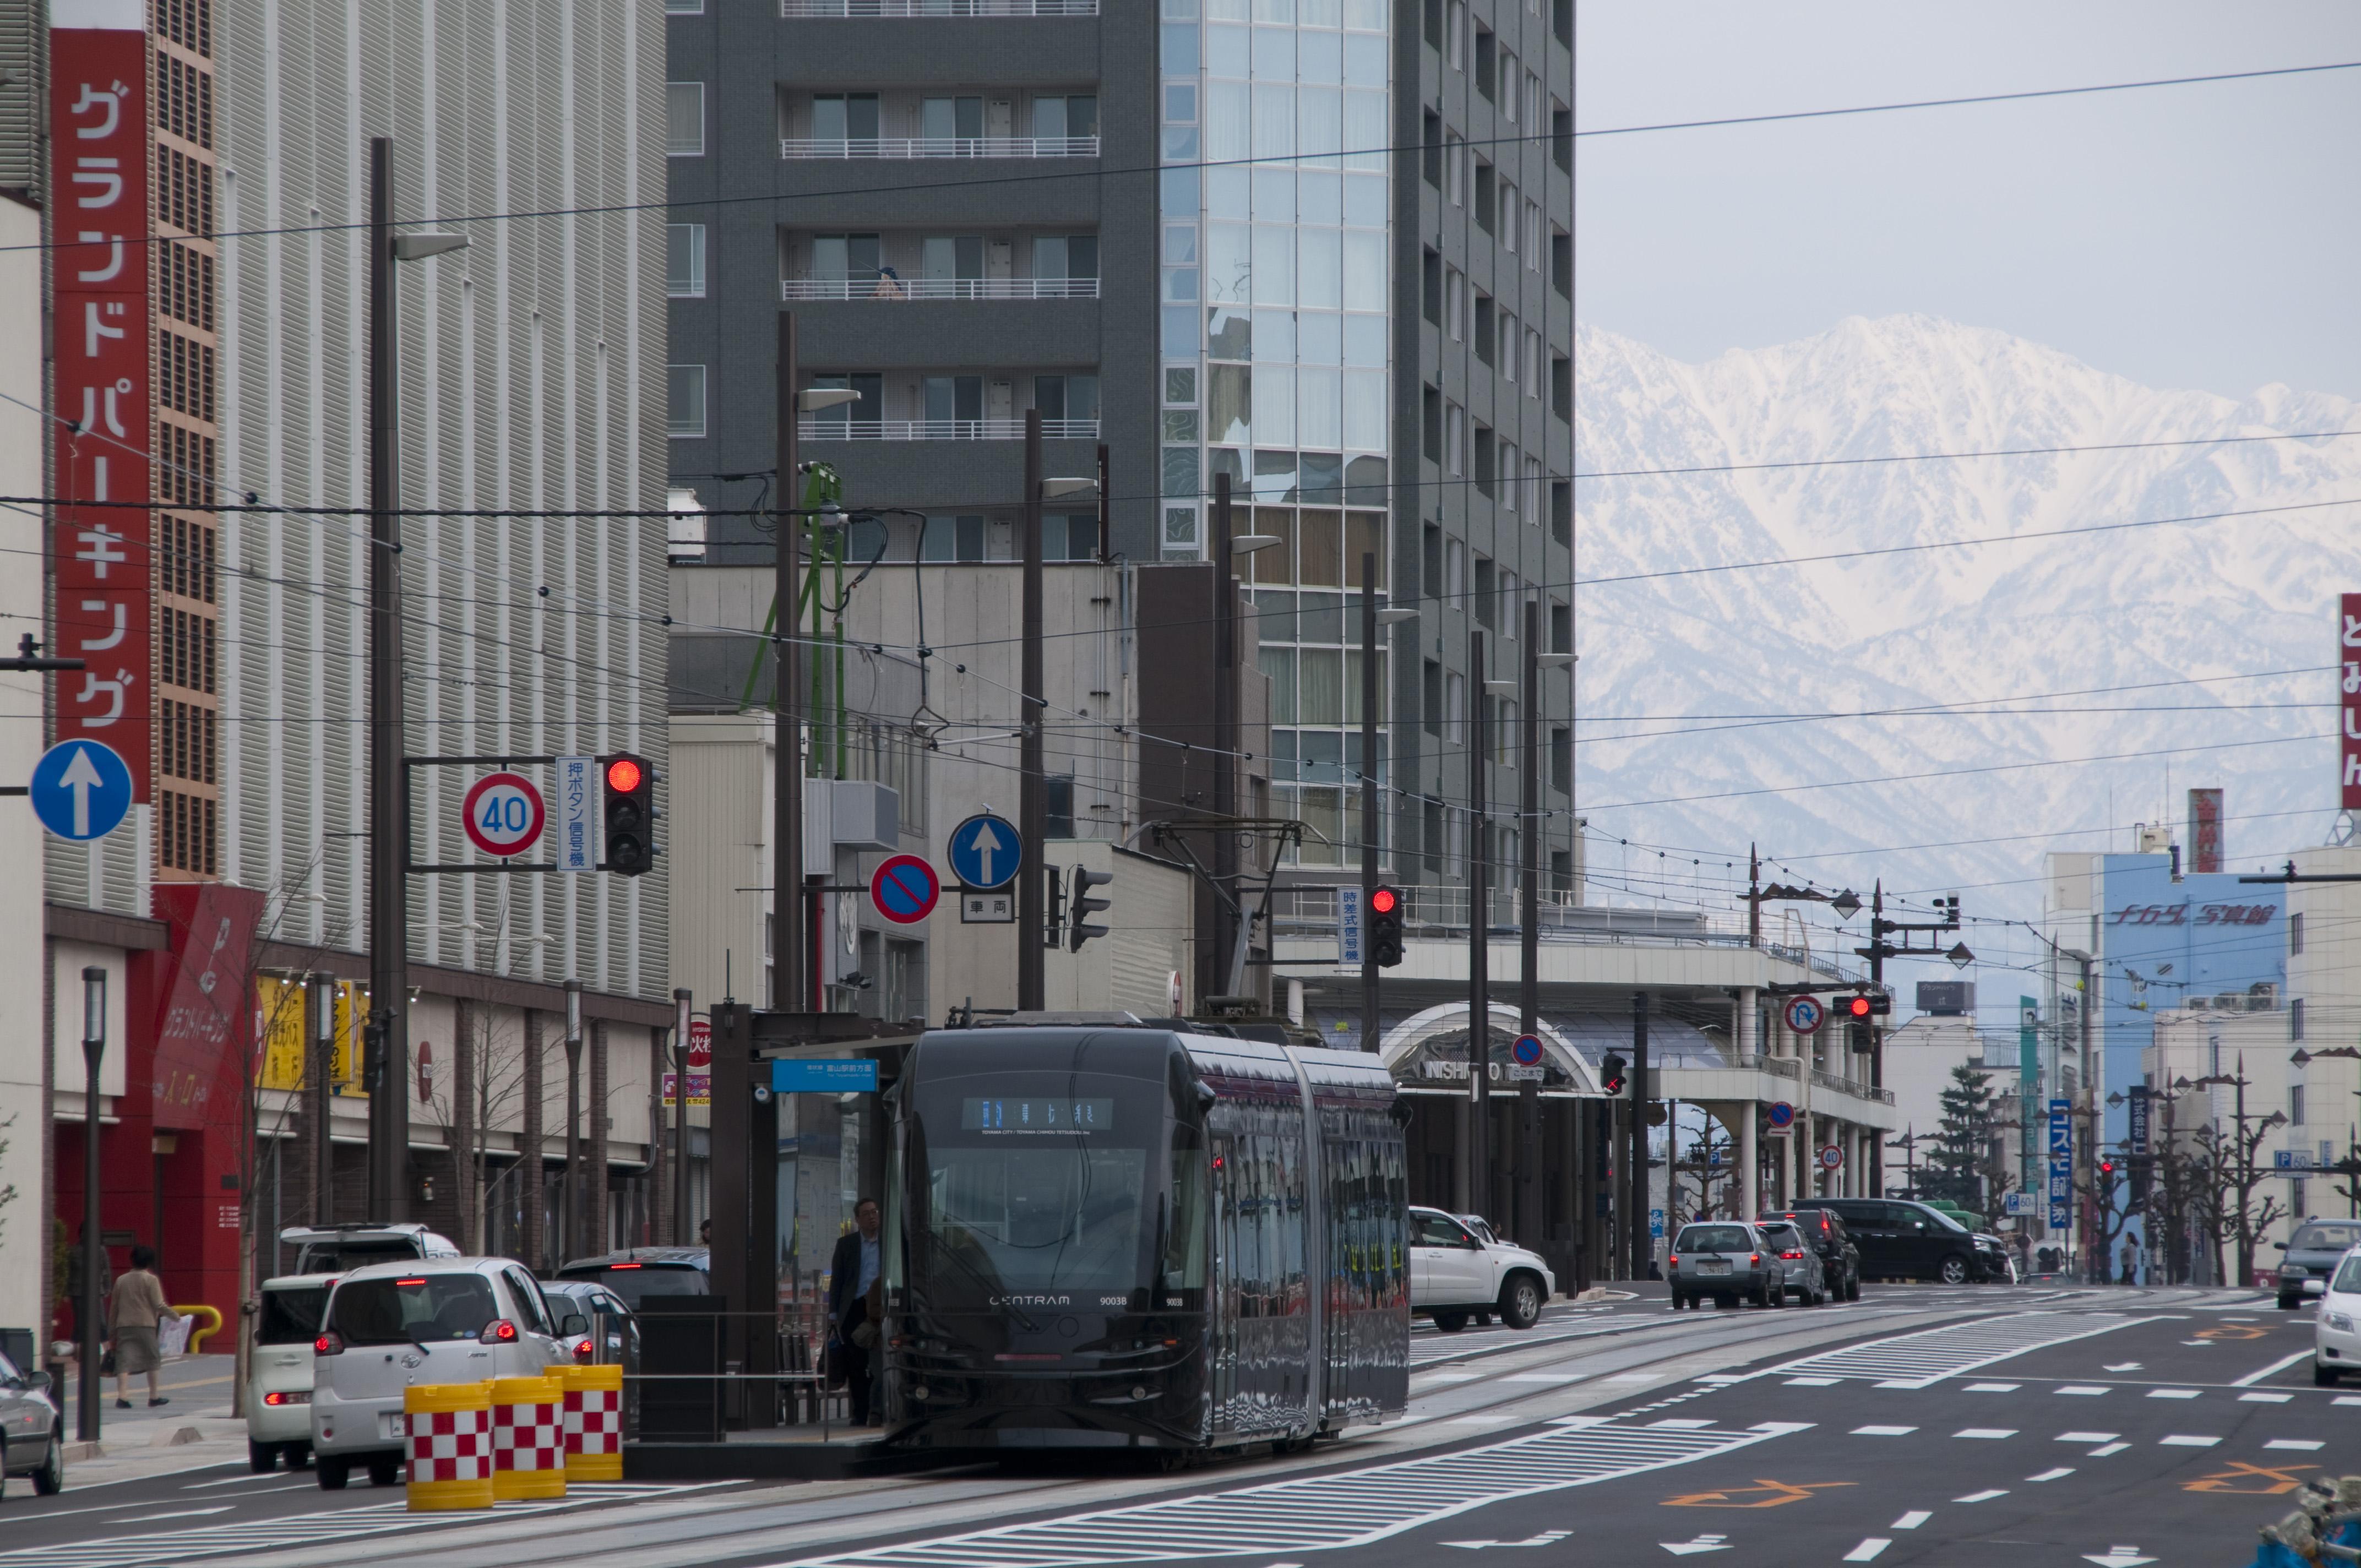 2016年 優秀賞 富山市 市内電車環状線   土木学会デザイン賞